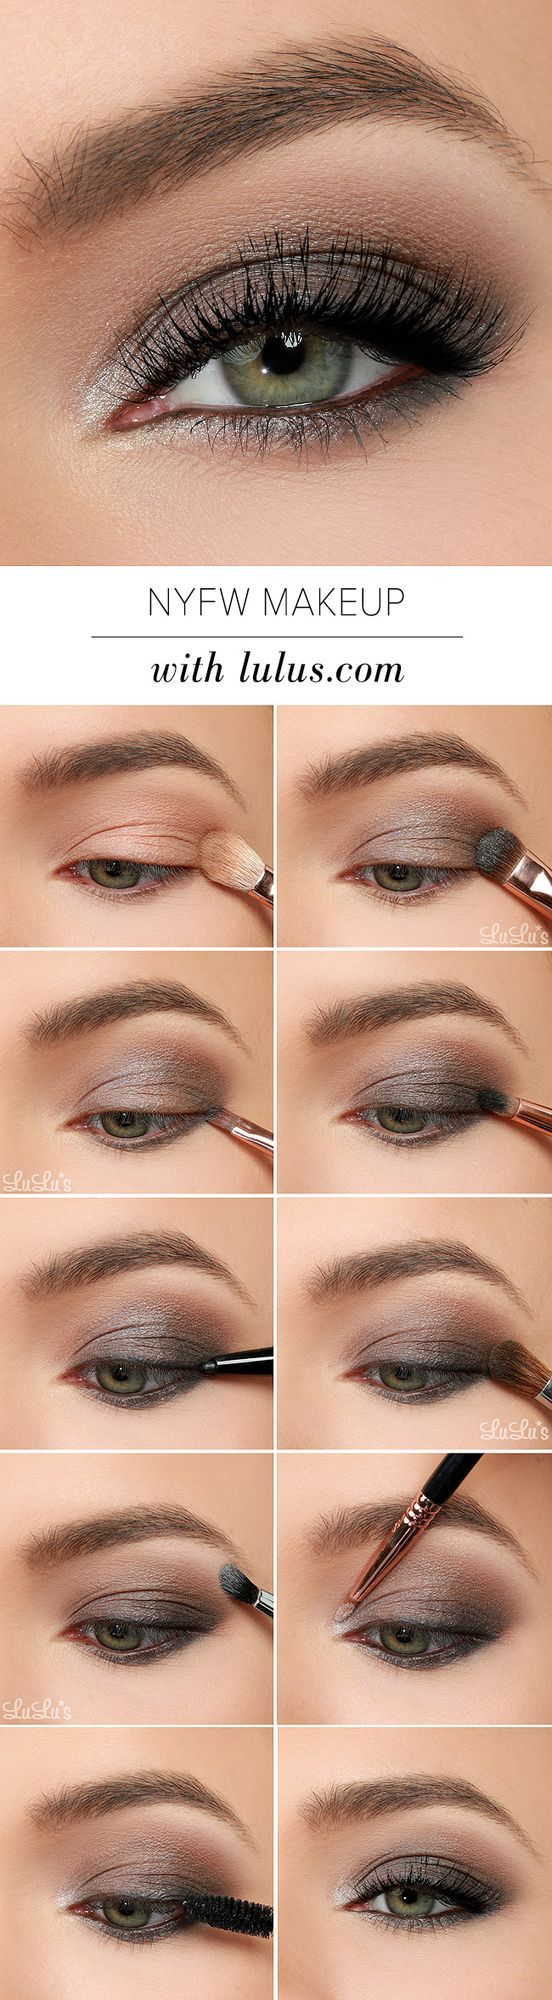 Eye Makeup Tutorial For Green Eyes And Blonde Hair Hairsjdi